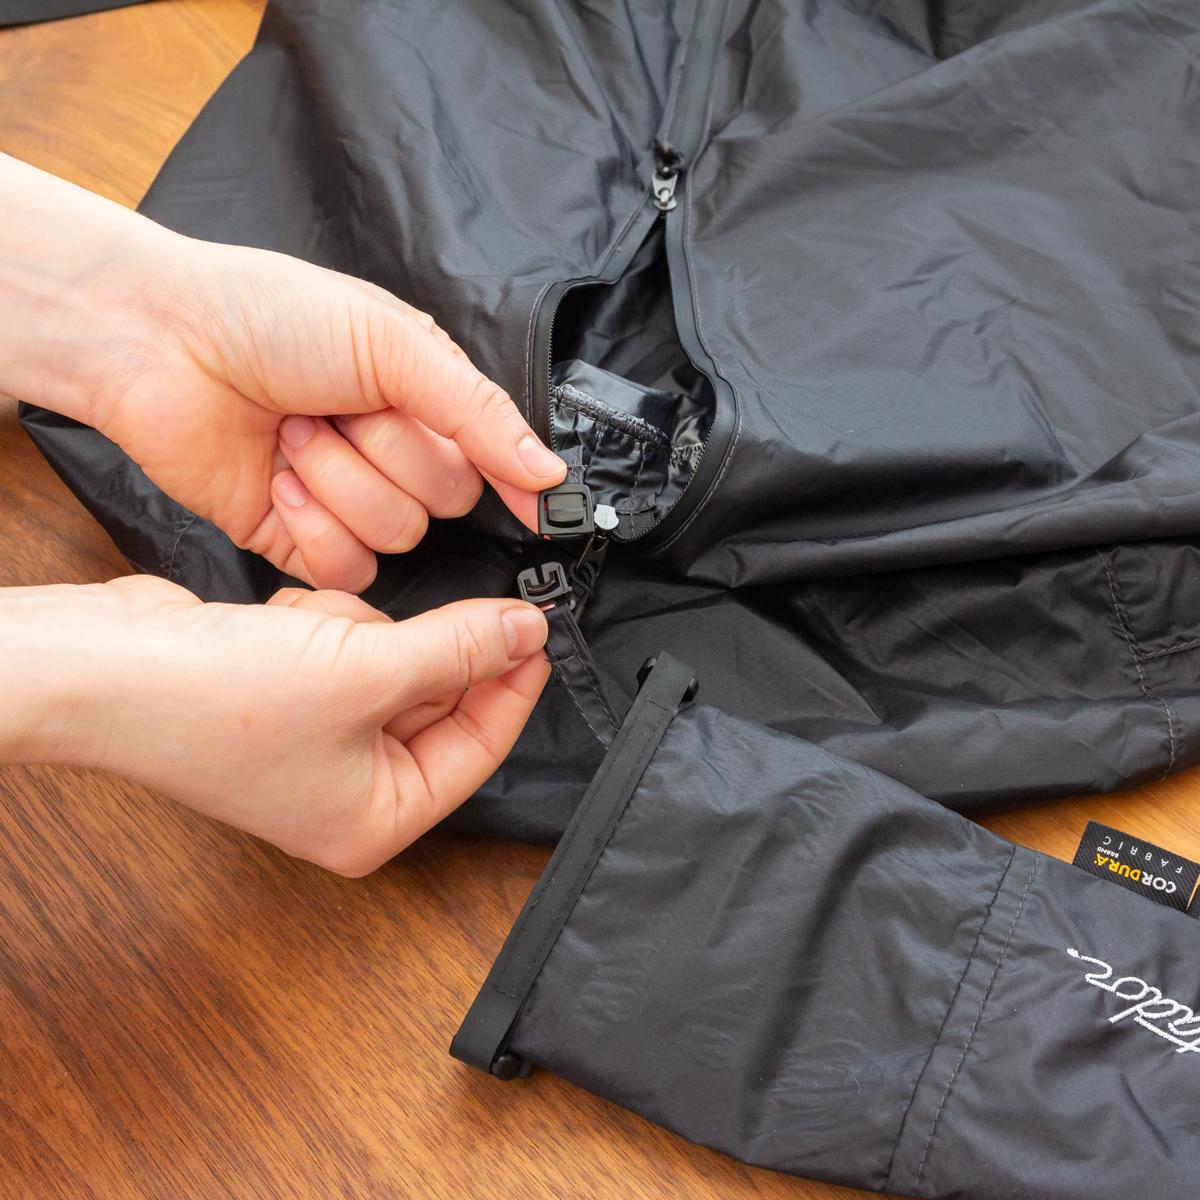 ロールトップ式の収納袋は、バッグ内部に簡単に取り付けることもできます。だから、バッグ使用時になくす心配もありません。ボストンバッグ|Matador transit30 2.0